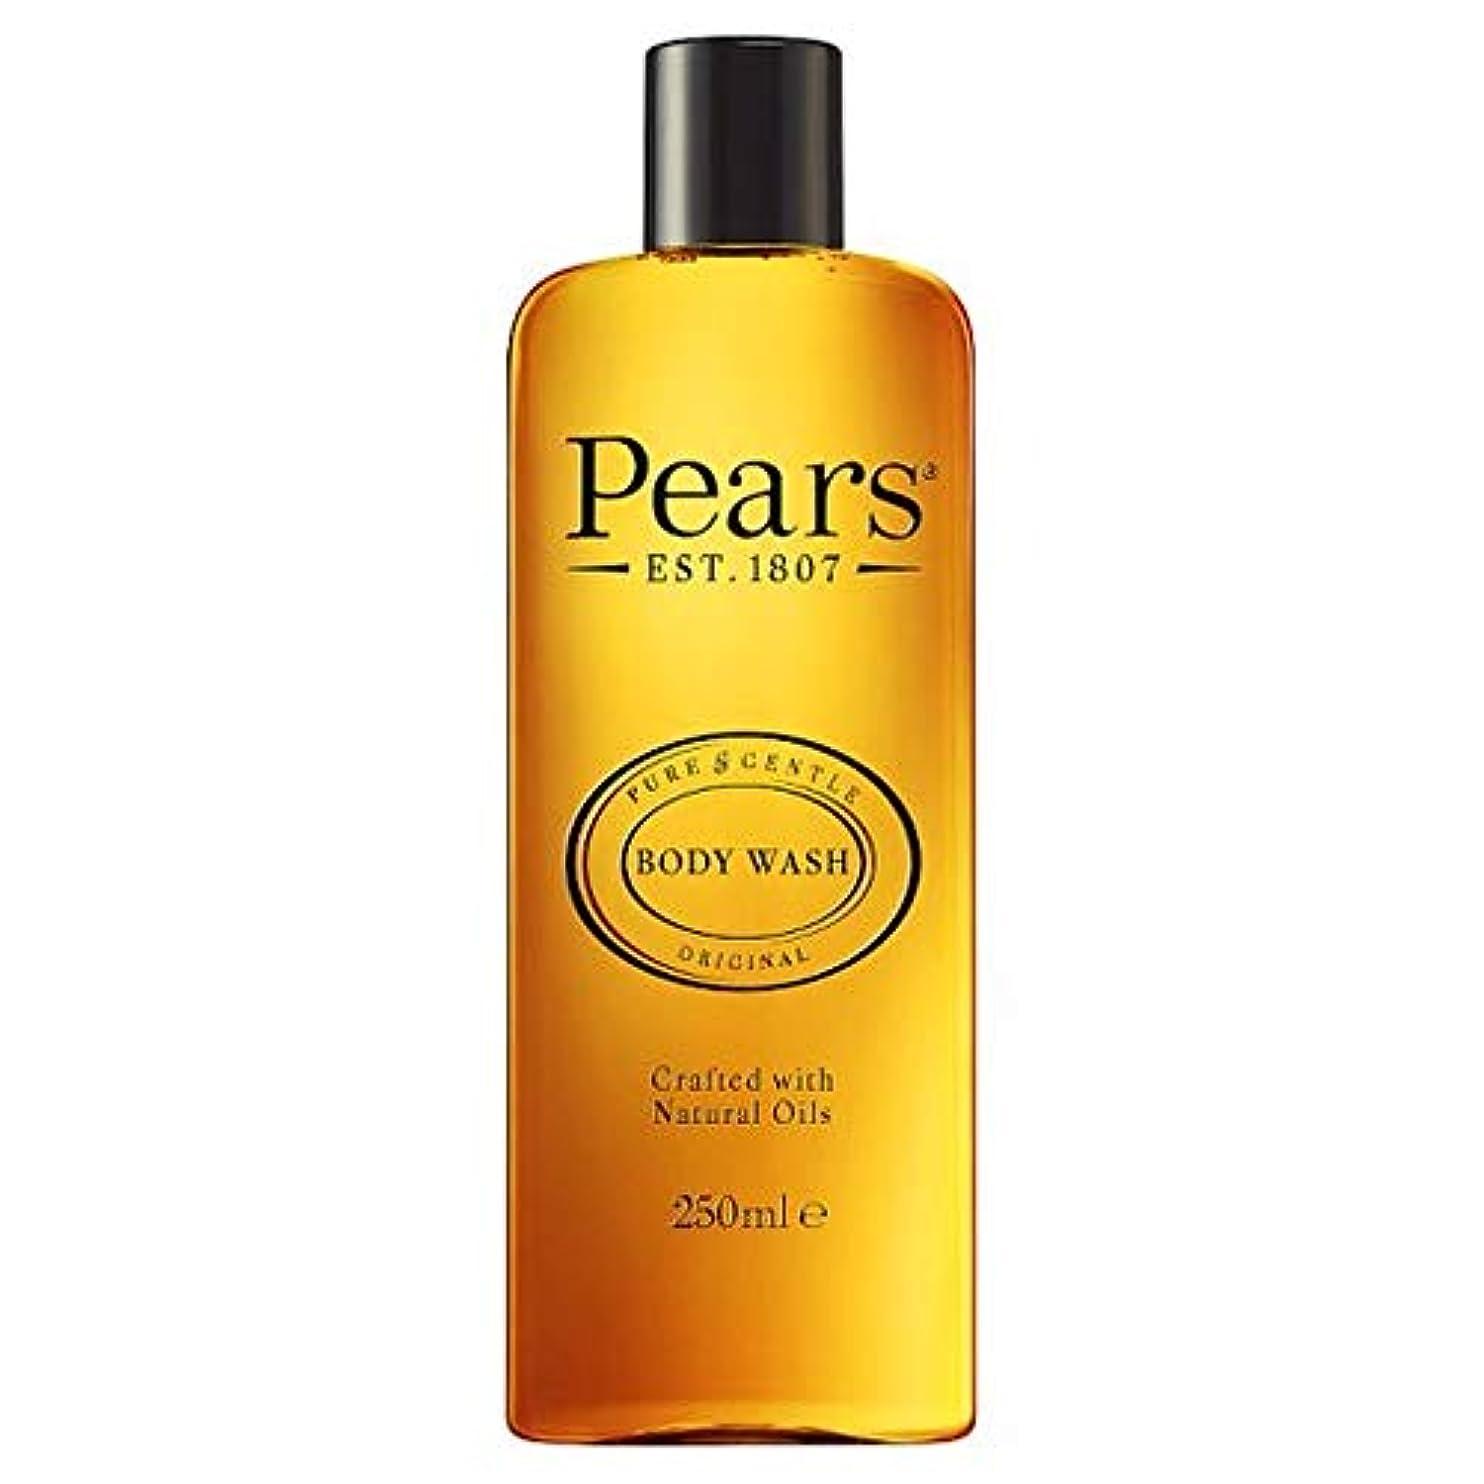 パンチ奴隷緊張する[Pears] 梨シャワージェル250ミリリットル - Pears Shower Gel 250Ml [並行輸入品]